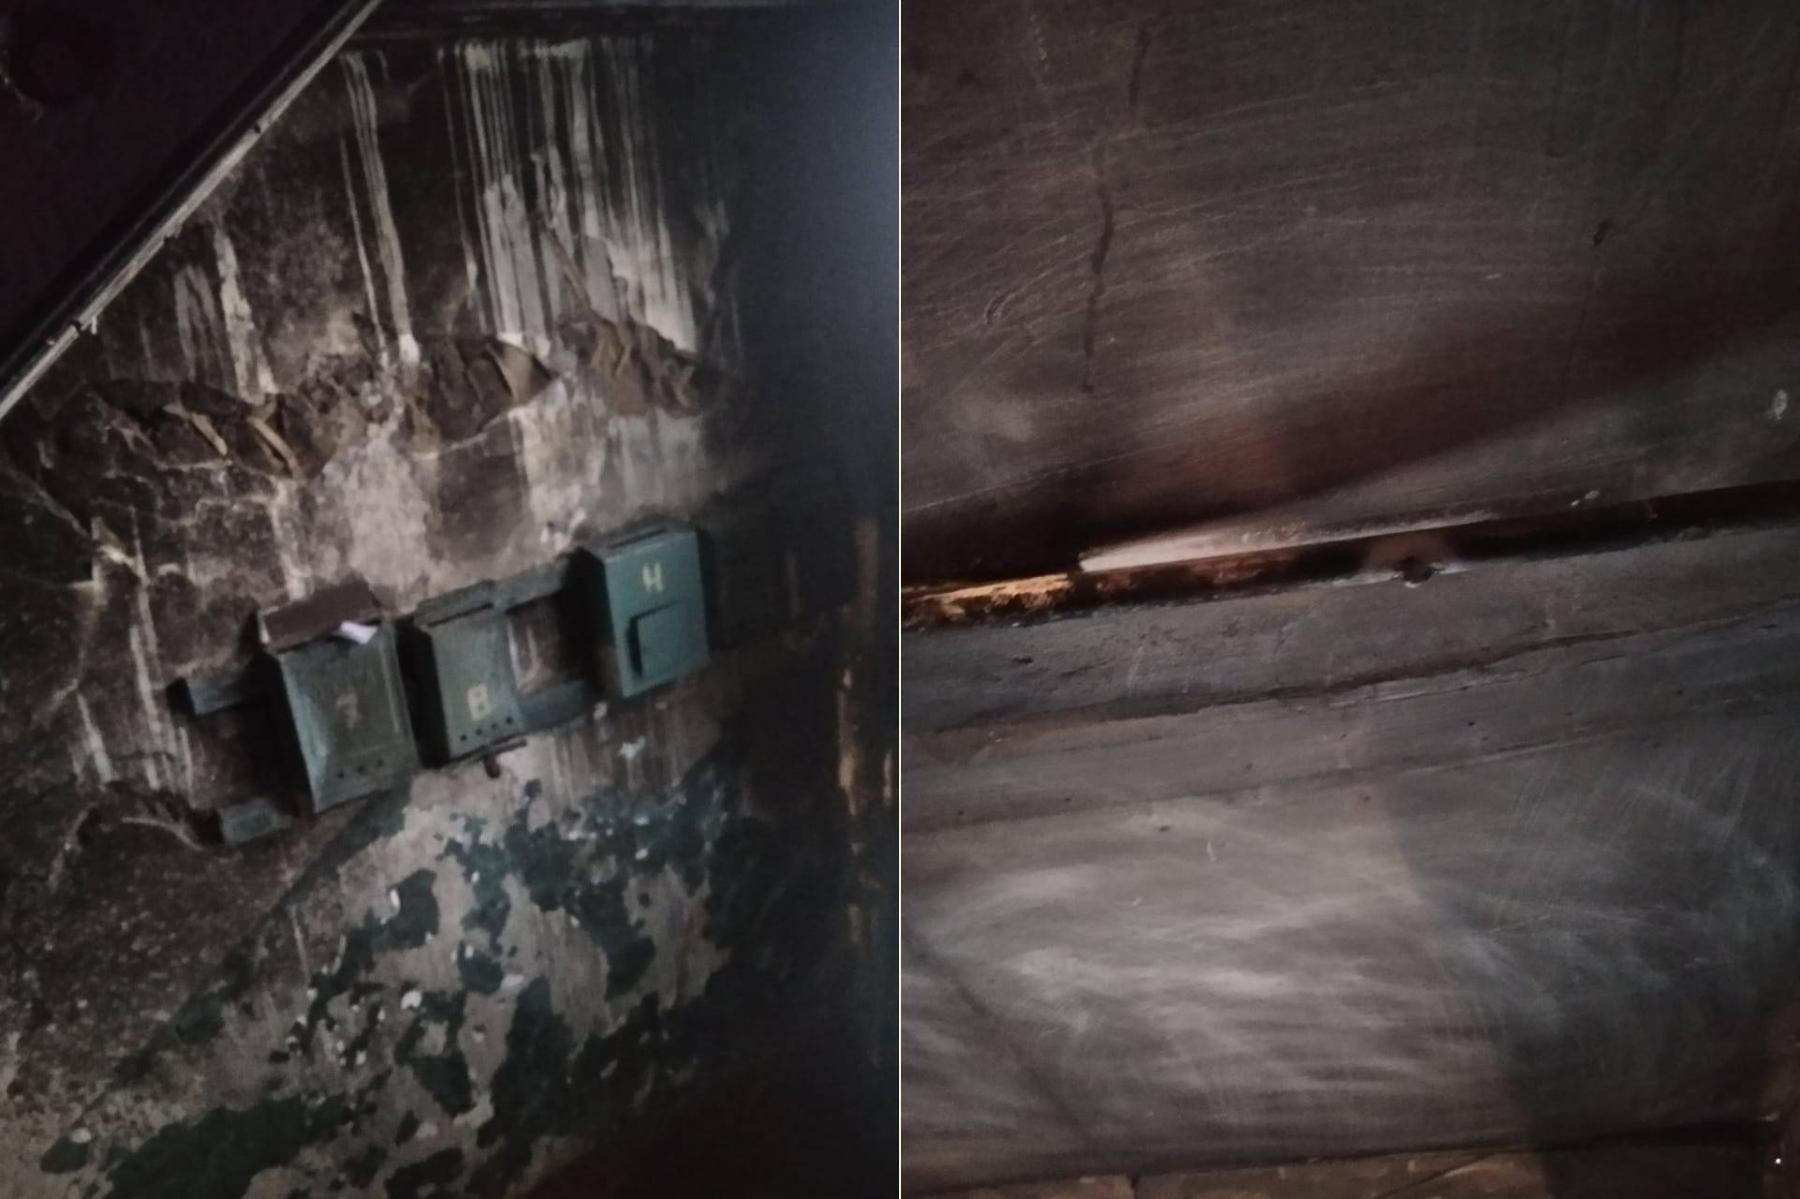 Фото «Адские трущобы 21 века»: десять жутких фото из затопленного кипятком аварийного дома в Новосибирске 7